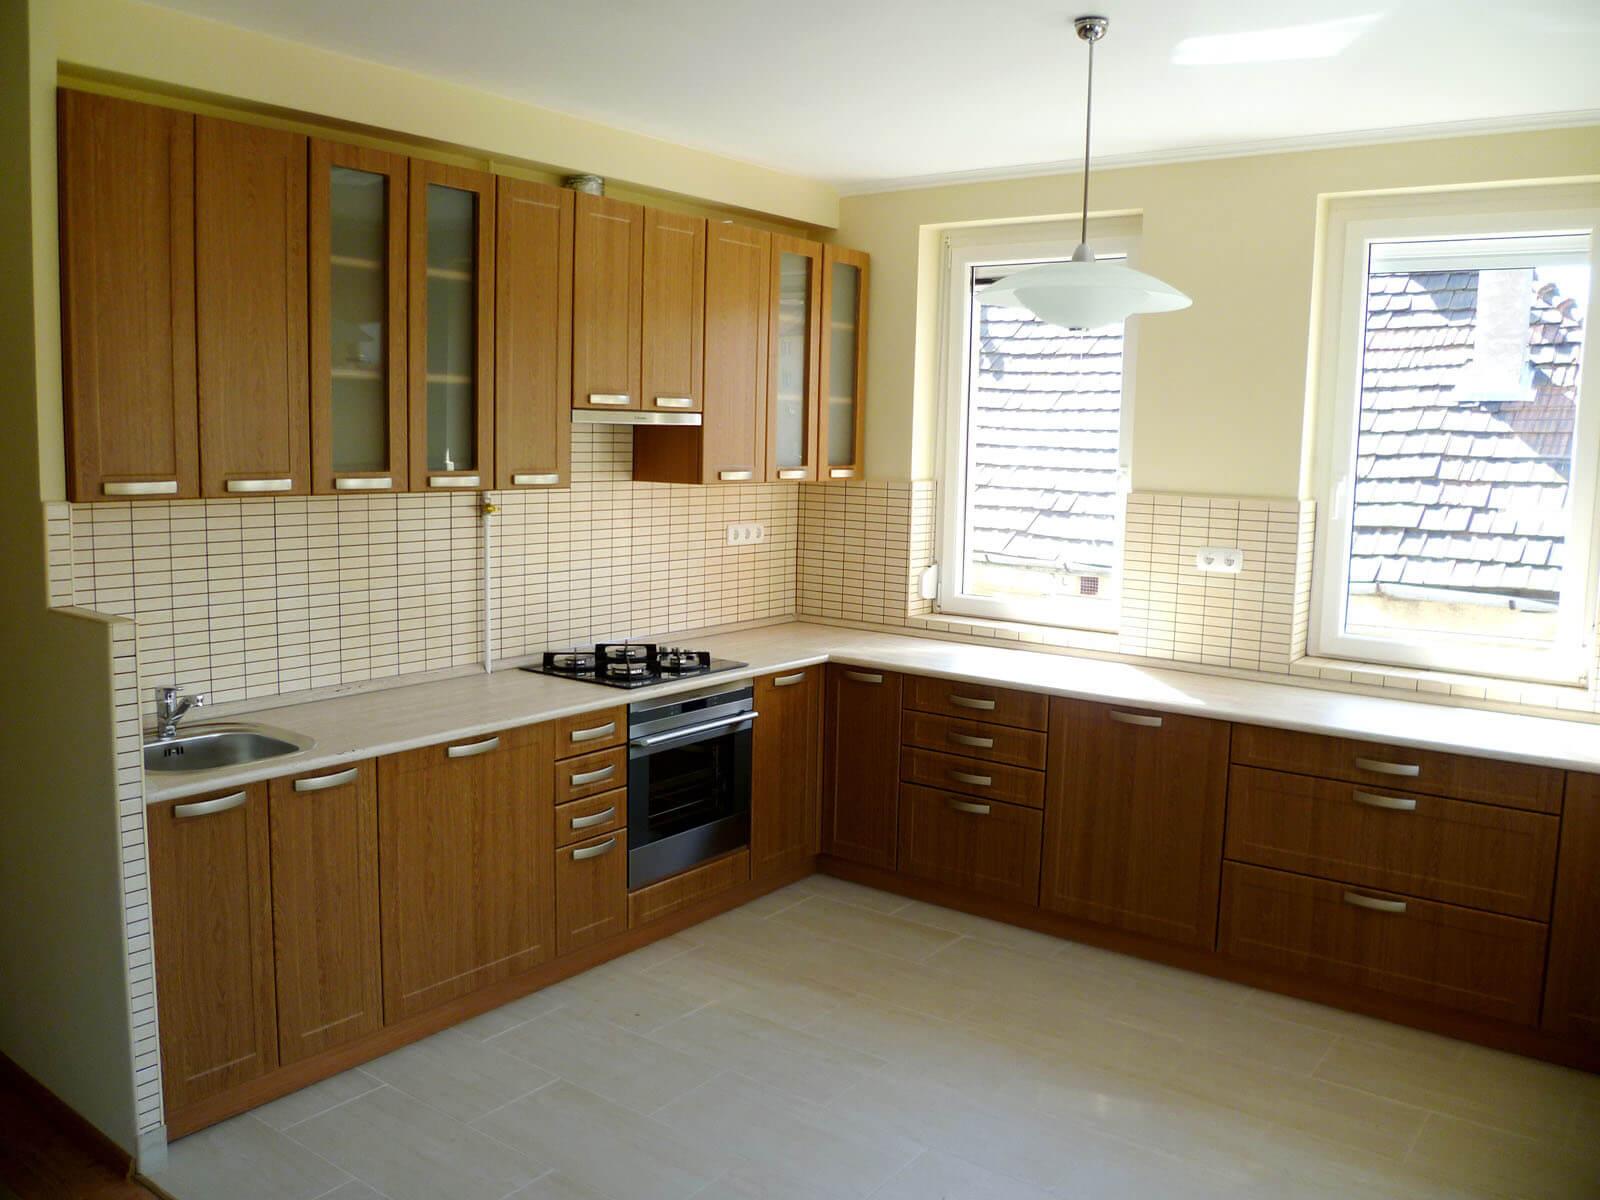 Egyedi natúr konyhabútor üveges ajtókkal